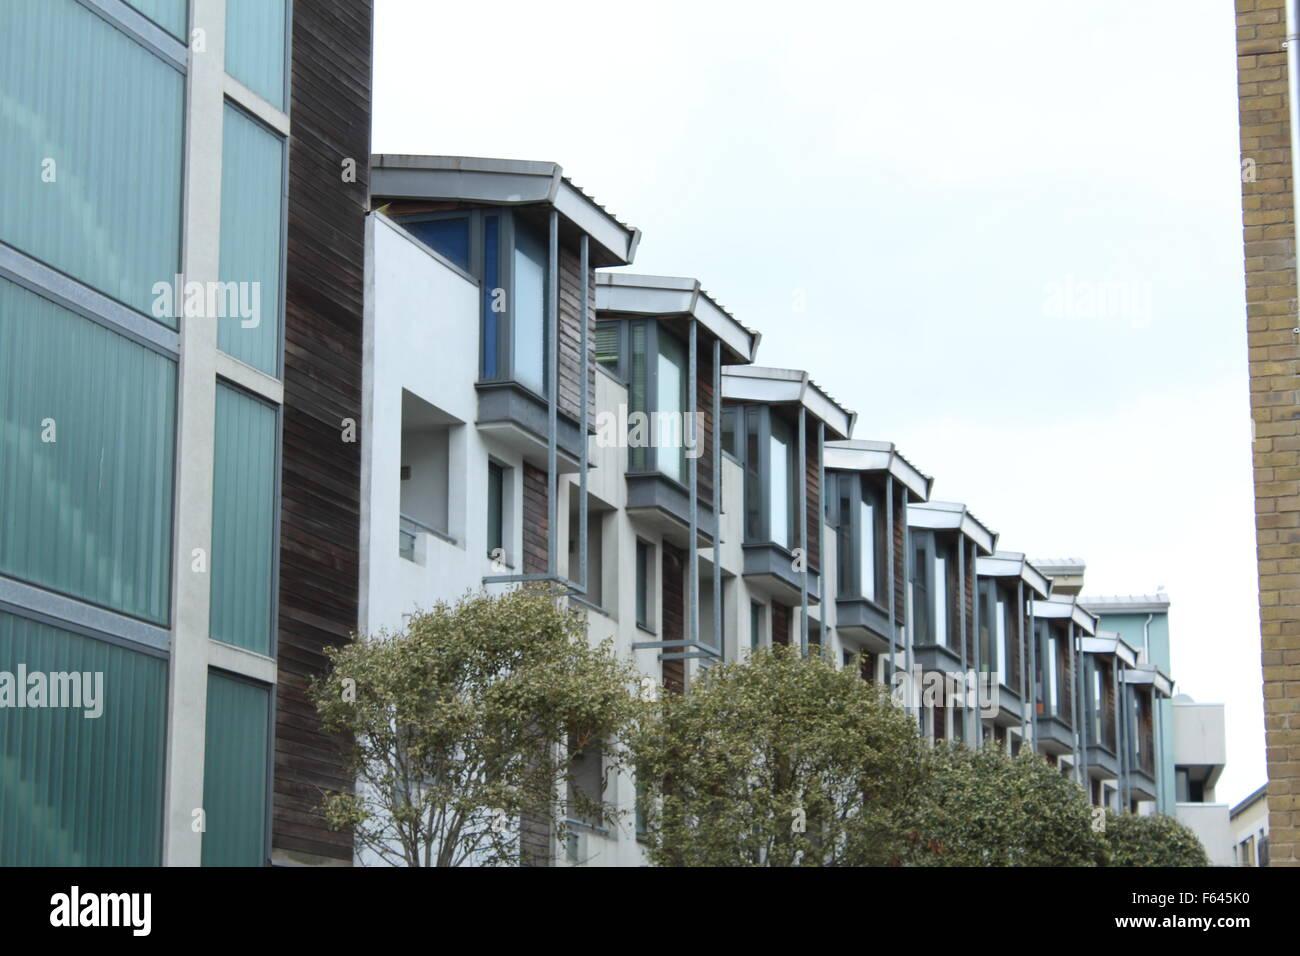 Répétition windows bâtiment Photo Stock